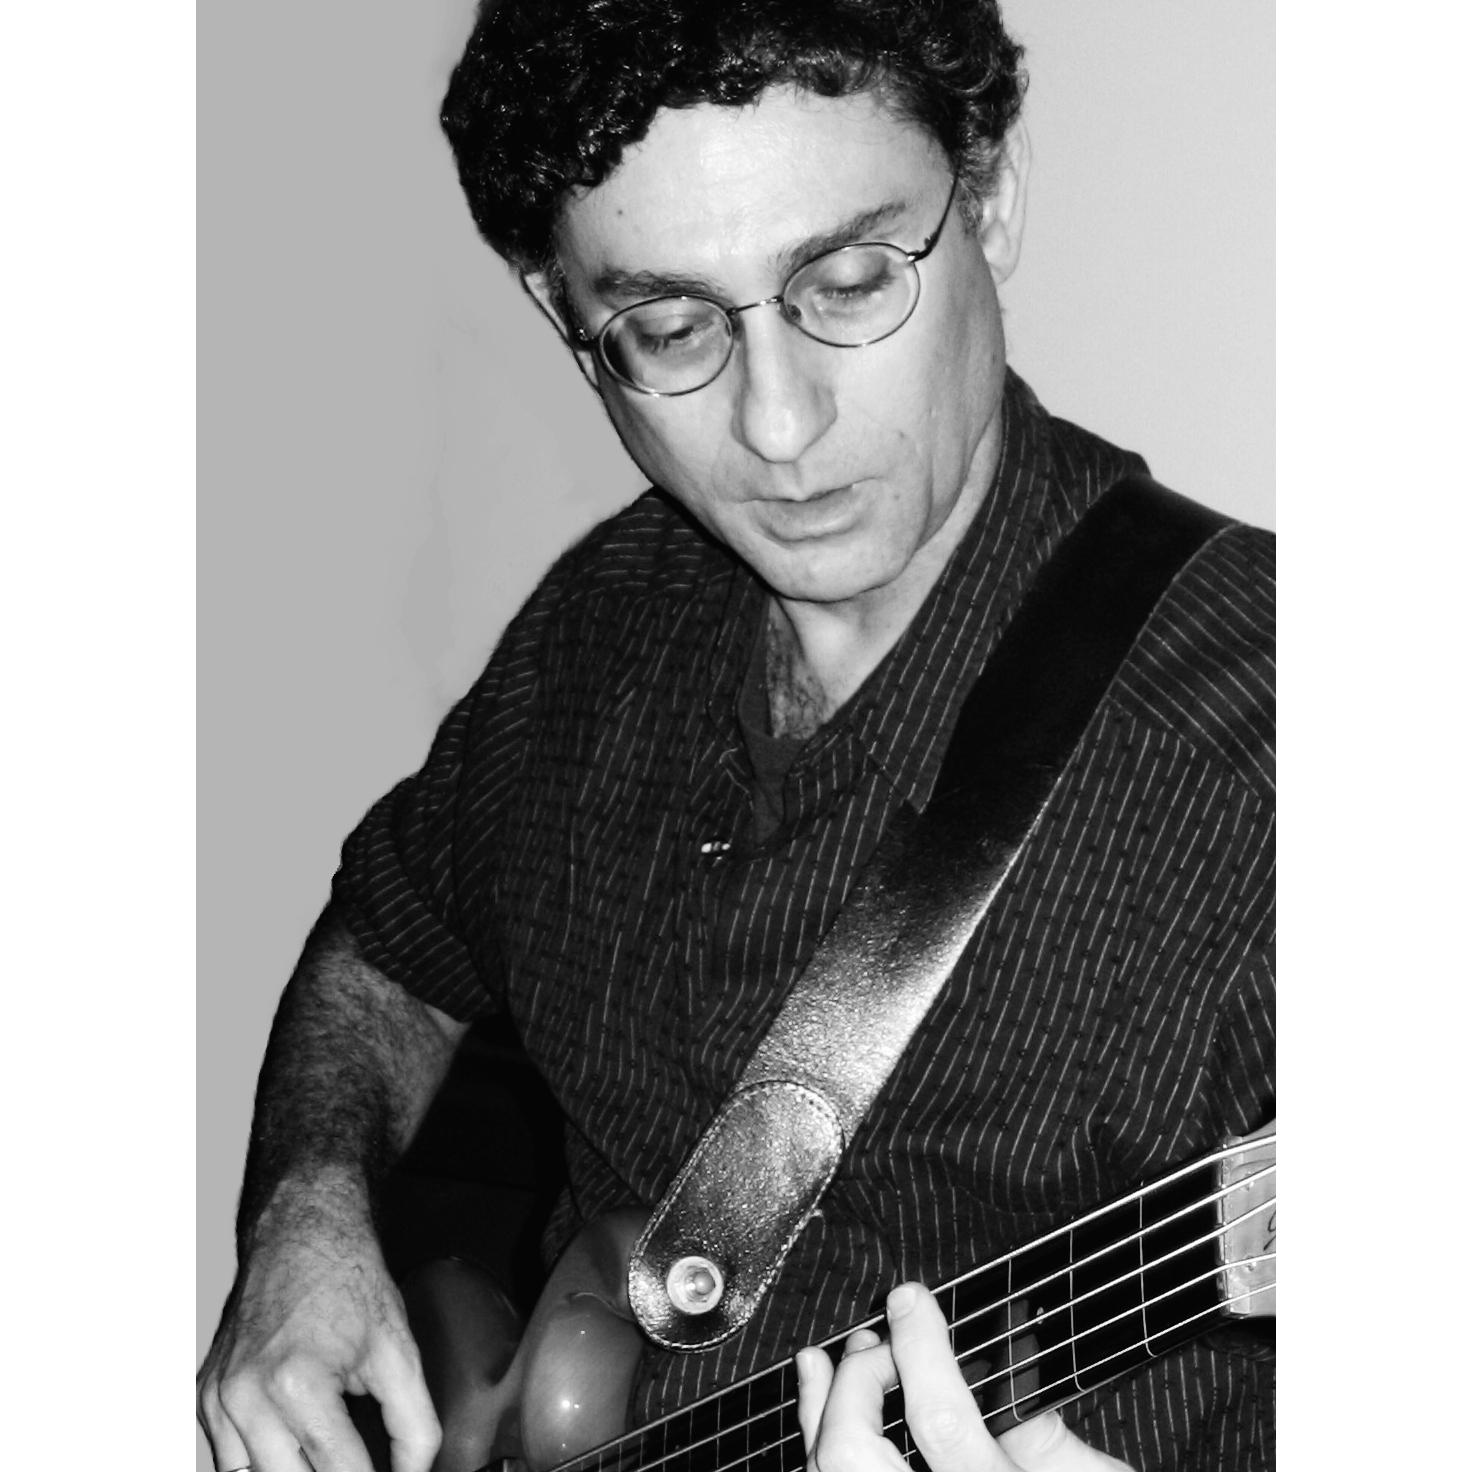 Dan krimm -- 2008